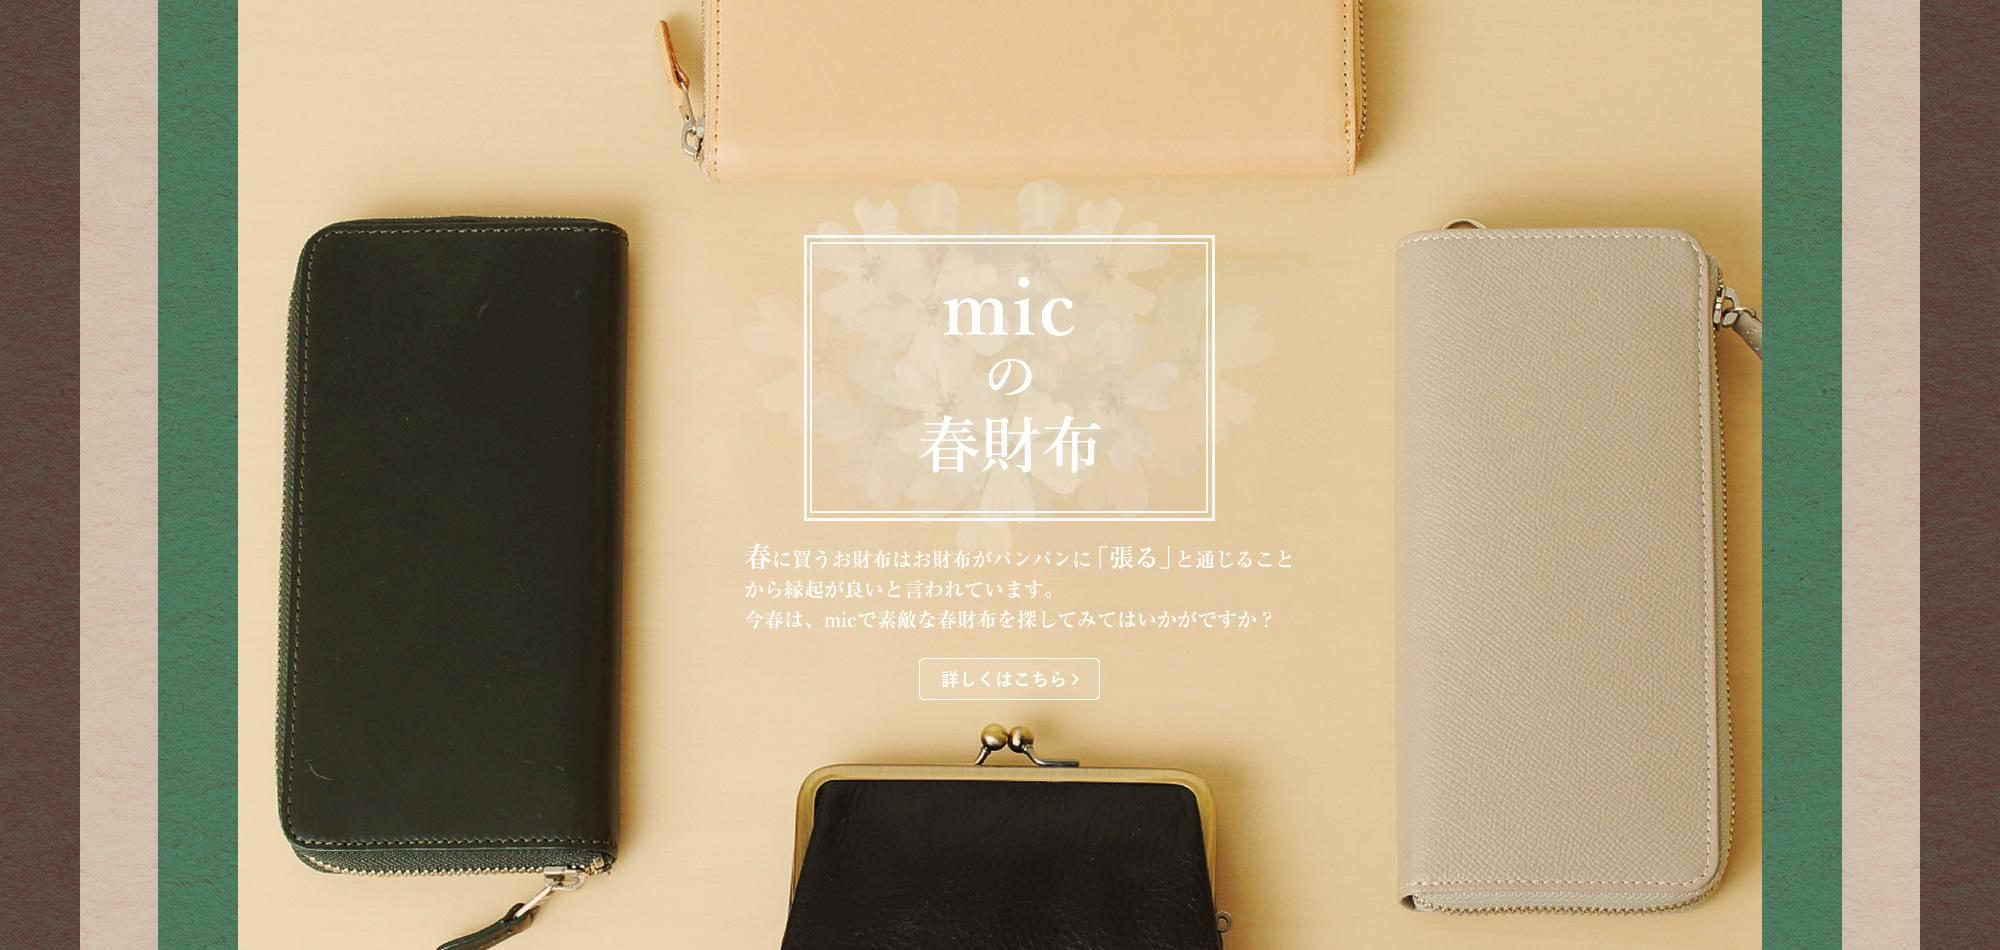 _img/index/mv_slide01.jpg